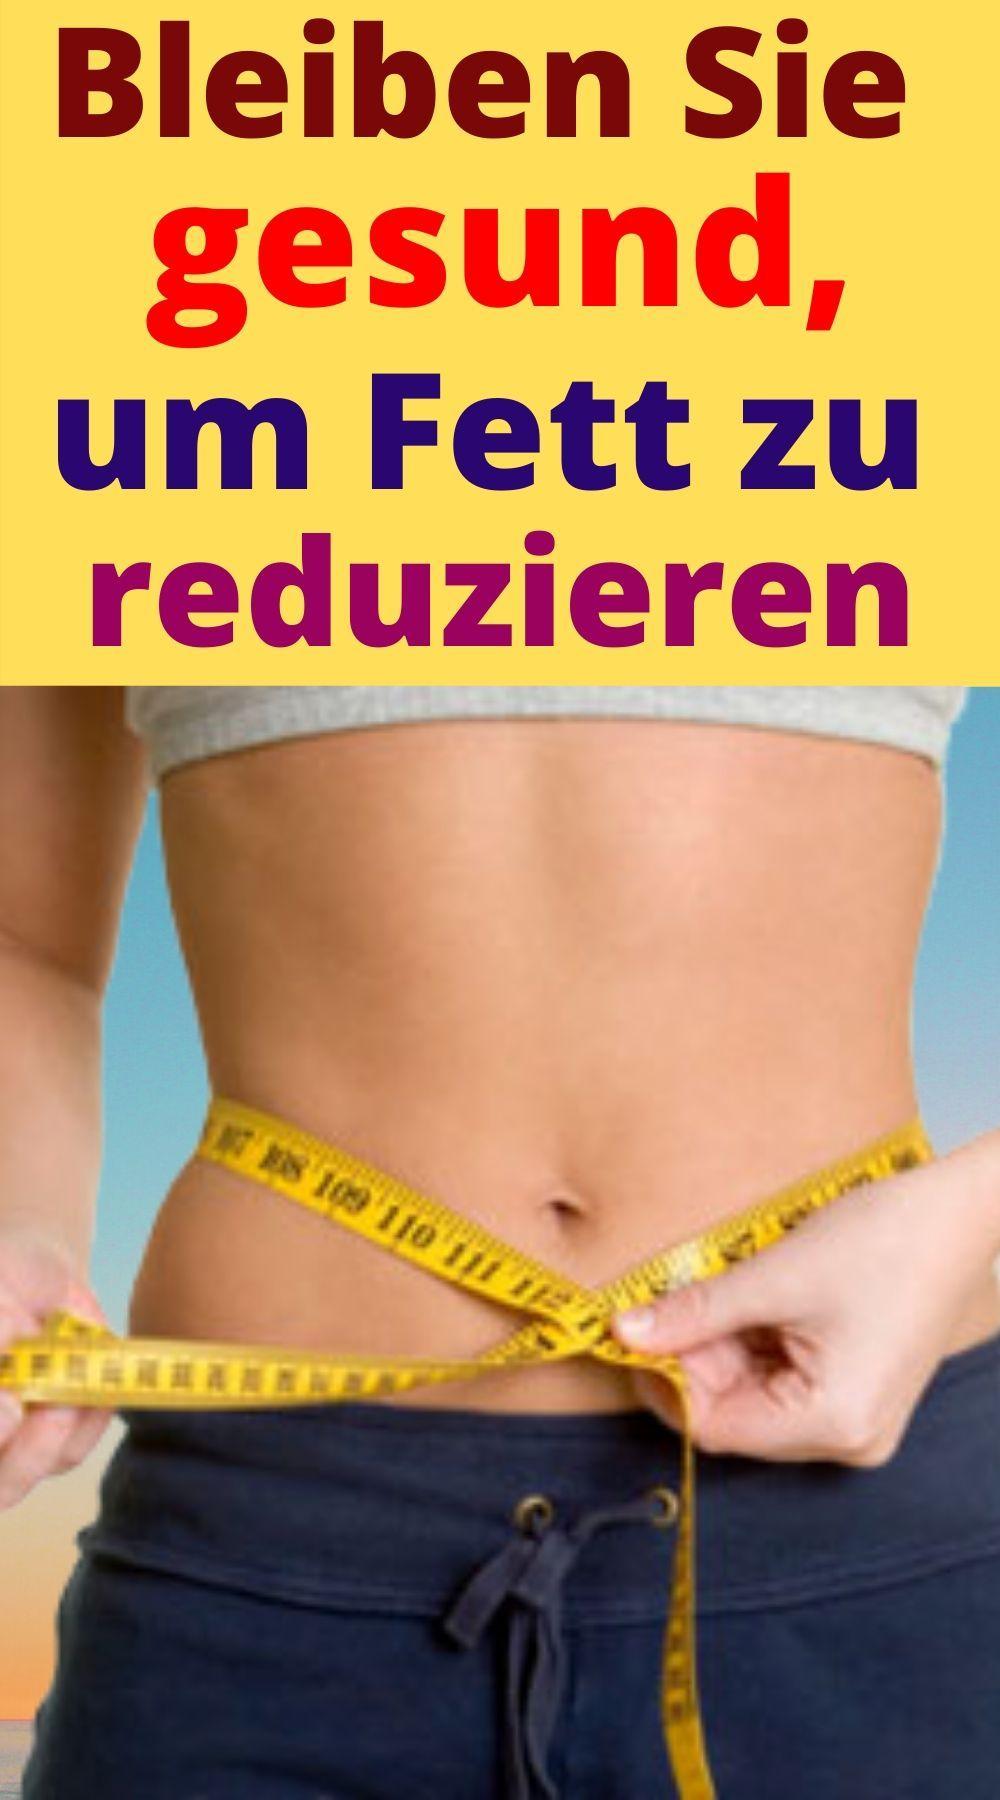 Diäten verlieren Gewicht und Volumen